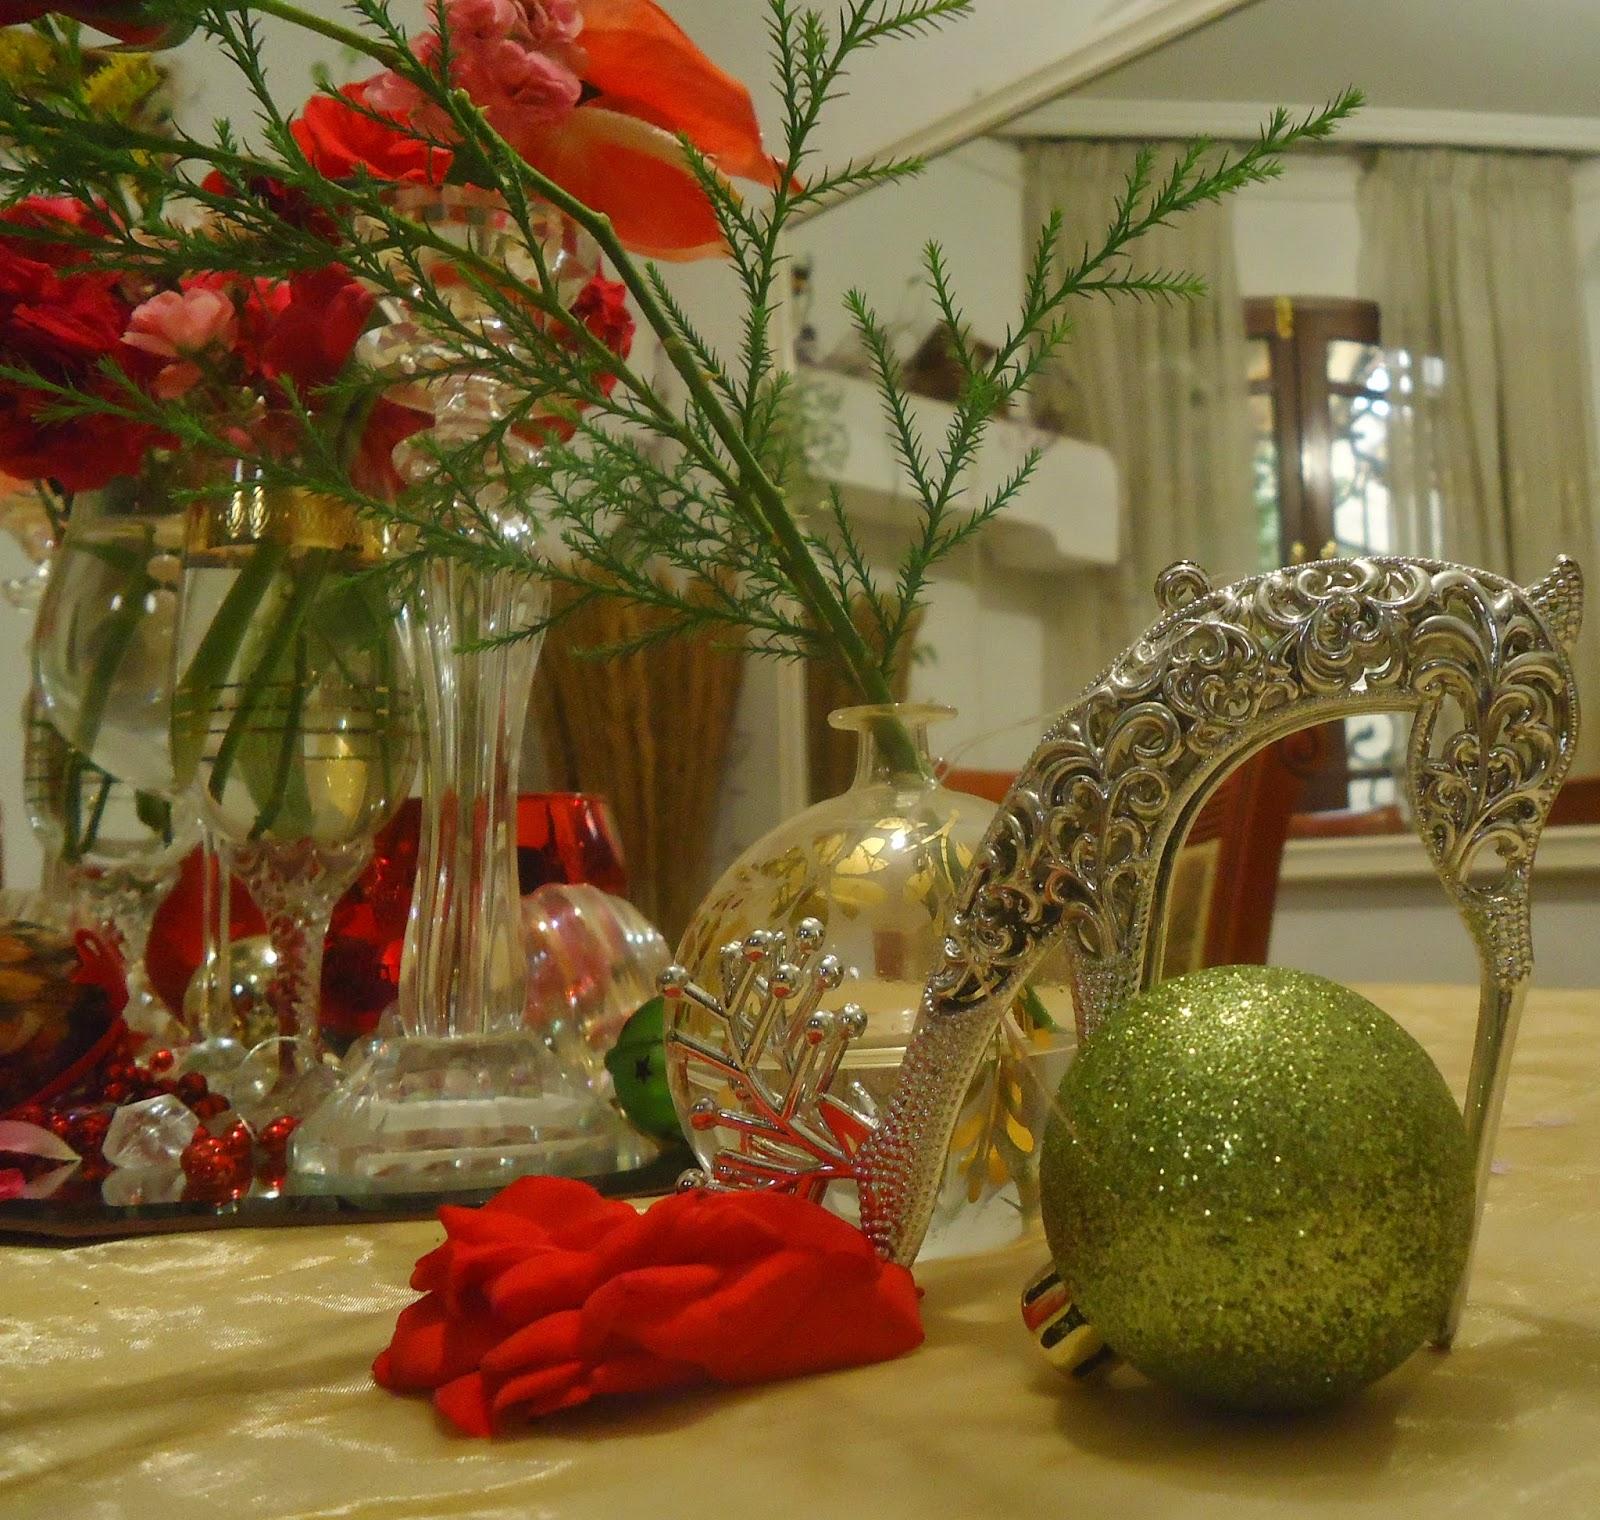 Fryou maison d cos tables en f te for Deco table reveillon st sylvestre